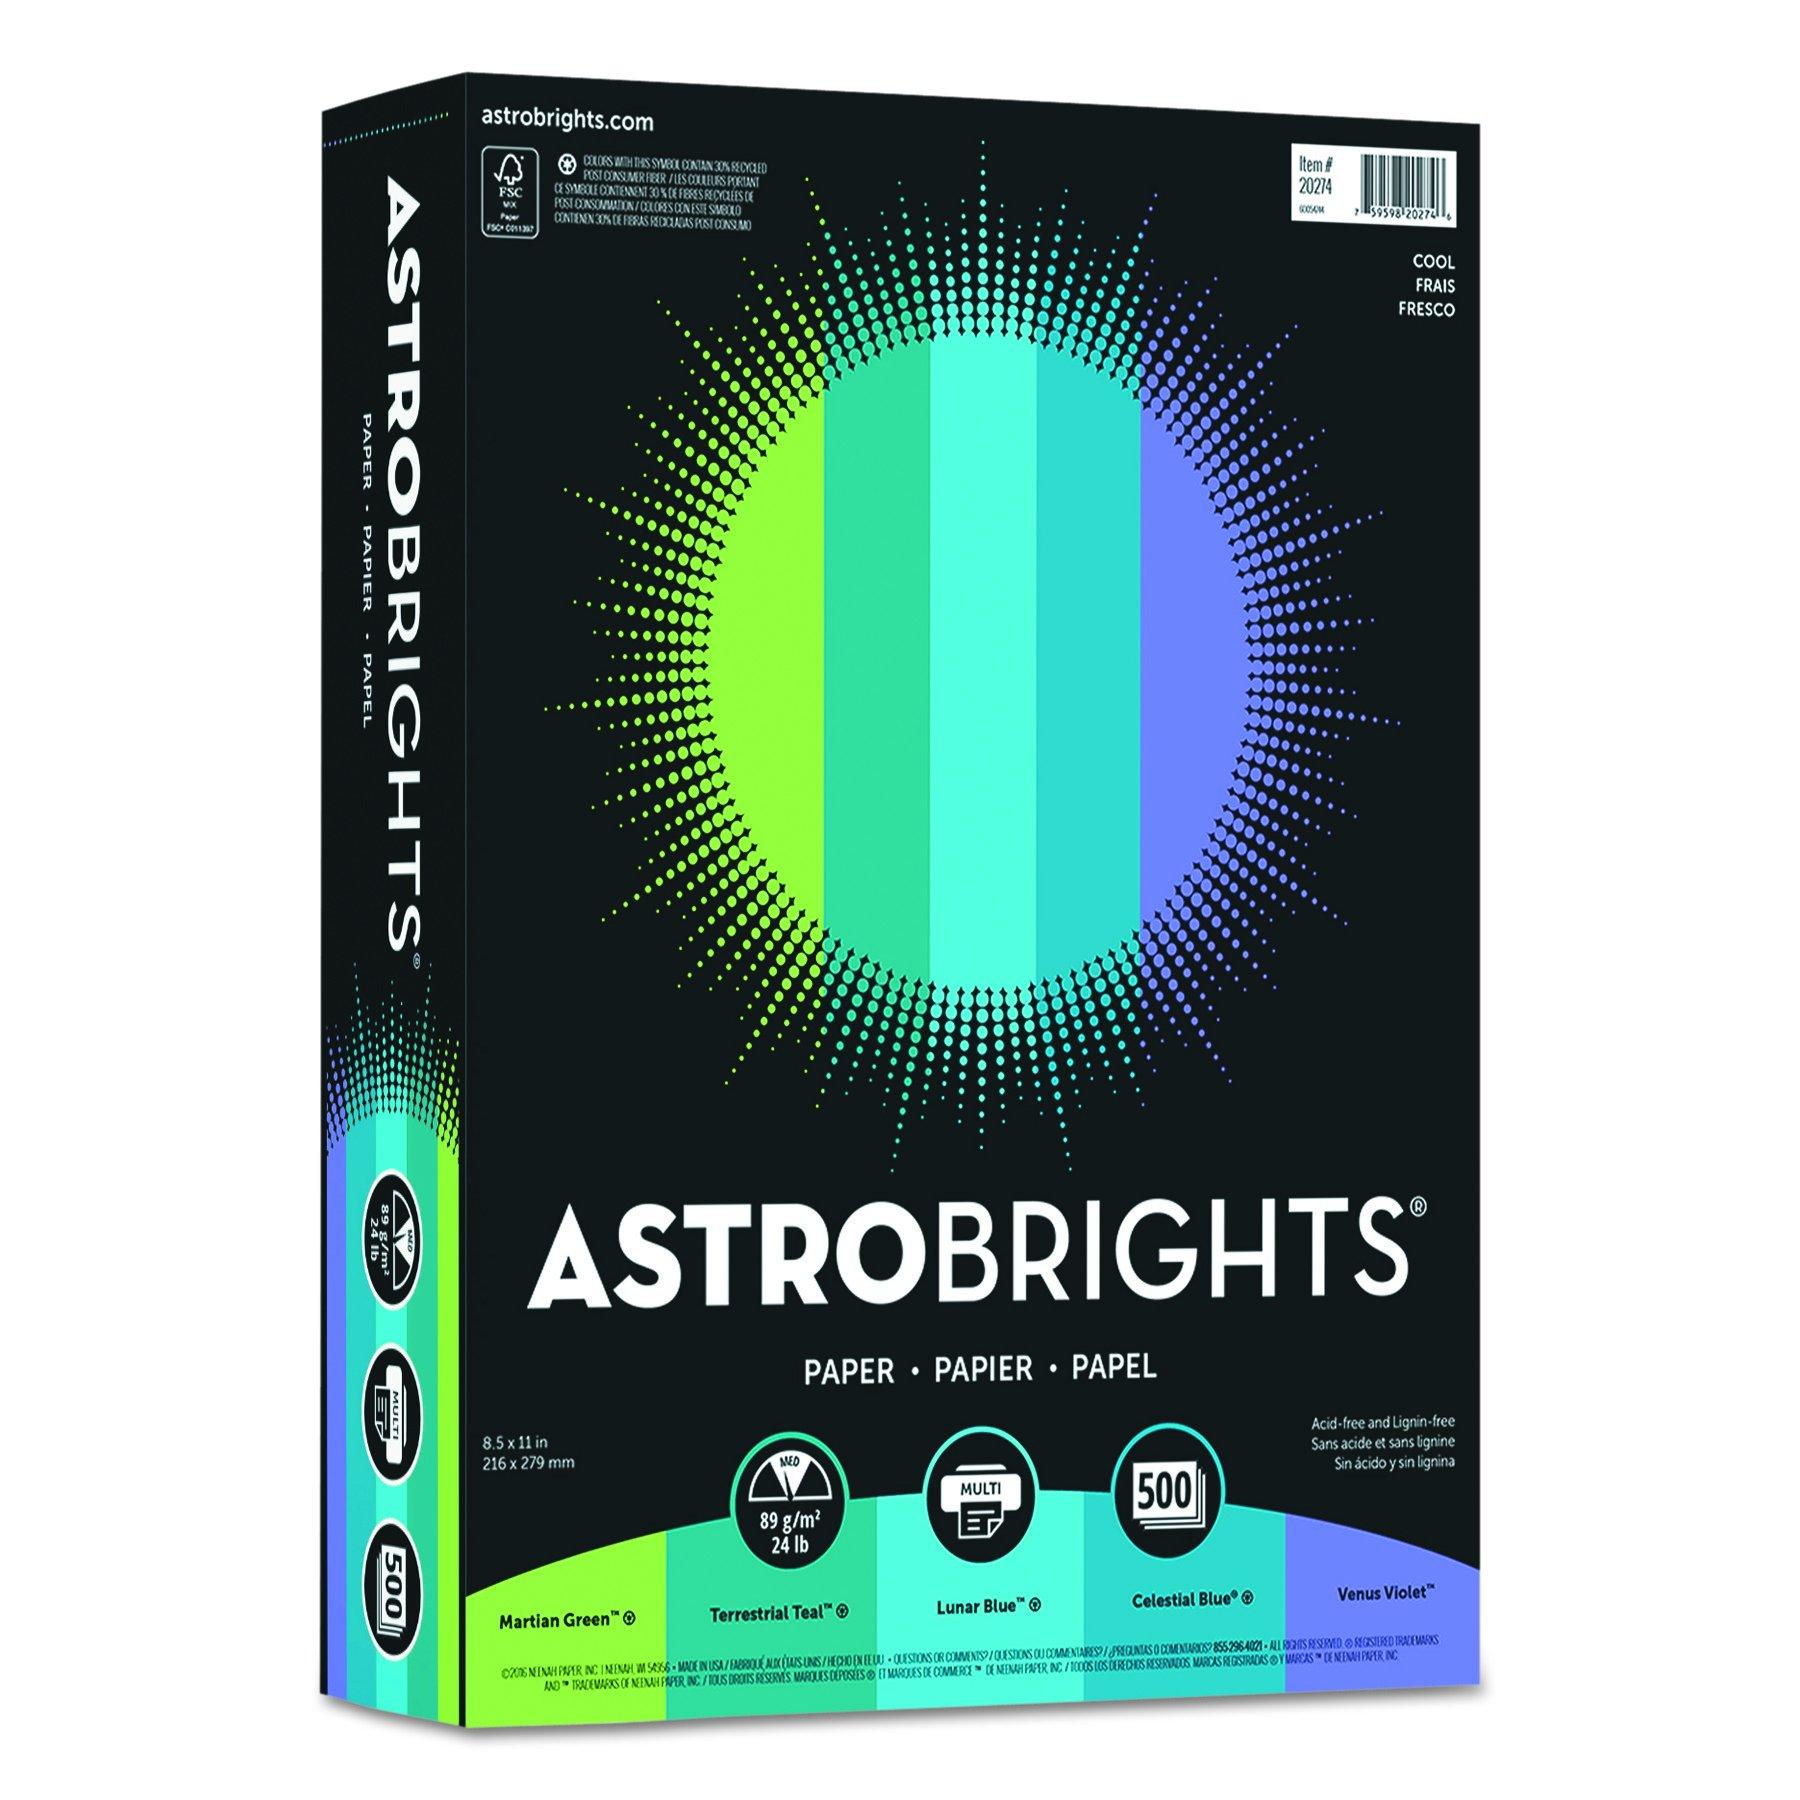 Astrobrights 20274 Color Paper -''Cool'' Assortment, 24lb, 8 1/2 x 11, 5 Colors, 500 Sheets